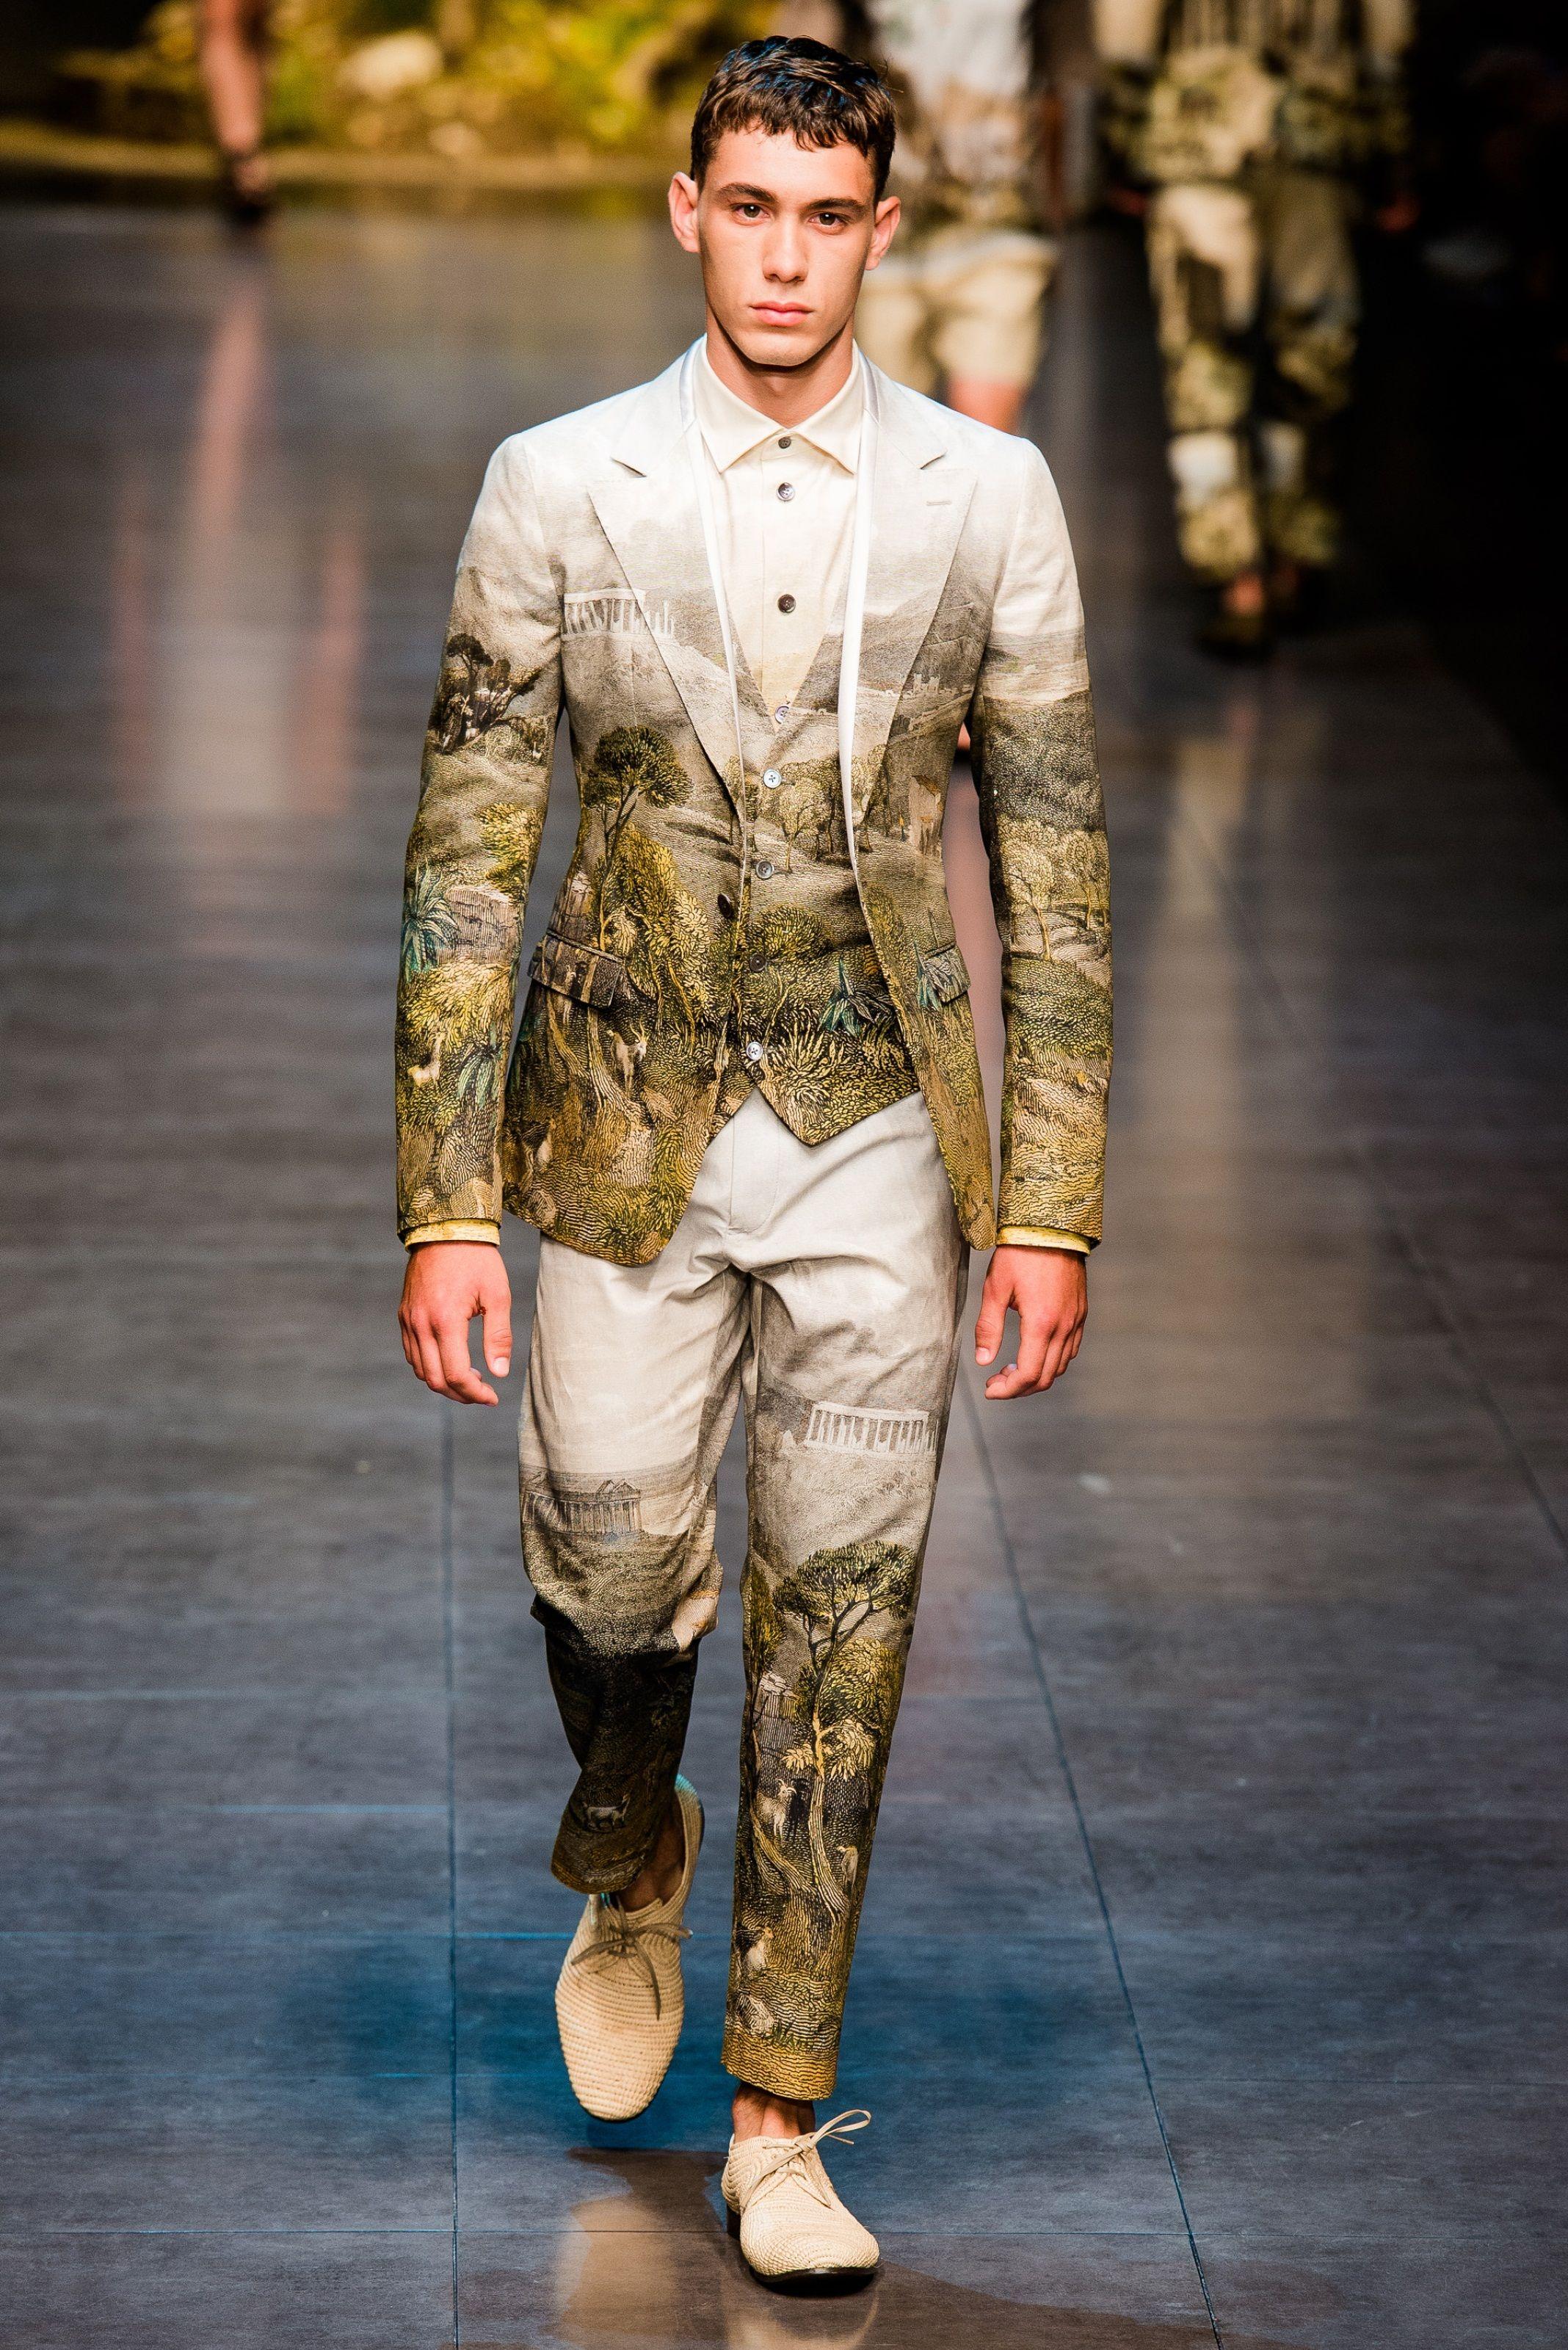 Dolce gabbana spring summer 2014 wearable for Design della moda politecnico milano opinioni